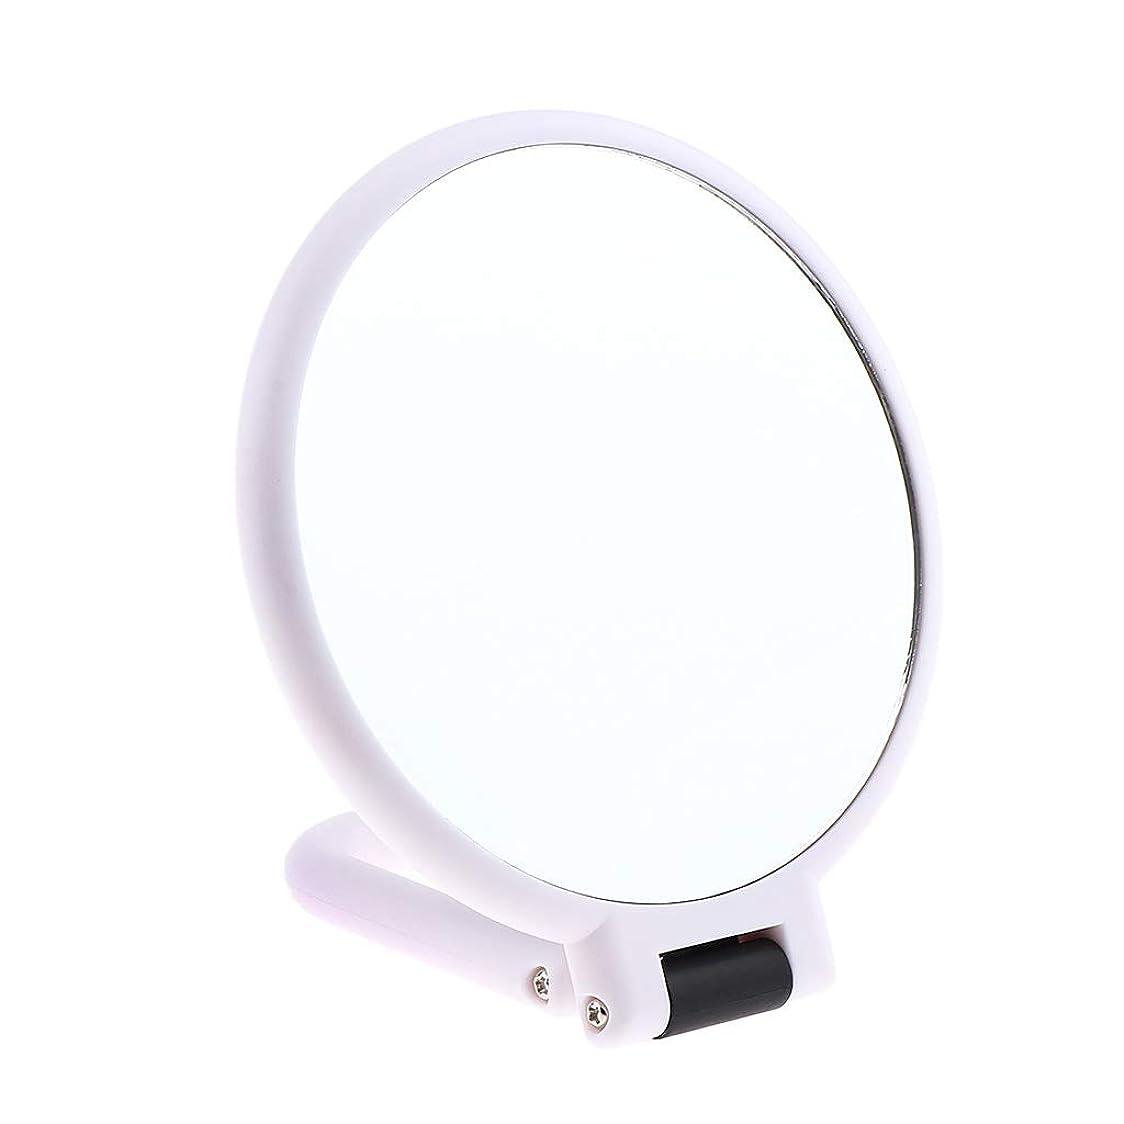 隠すパイモジュールB Blesiya 両面化粧鏡 拡大鏡 ラウンド メイクアップミラー お化粧 ホワイト 5仕様選べ - 5倍